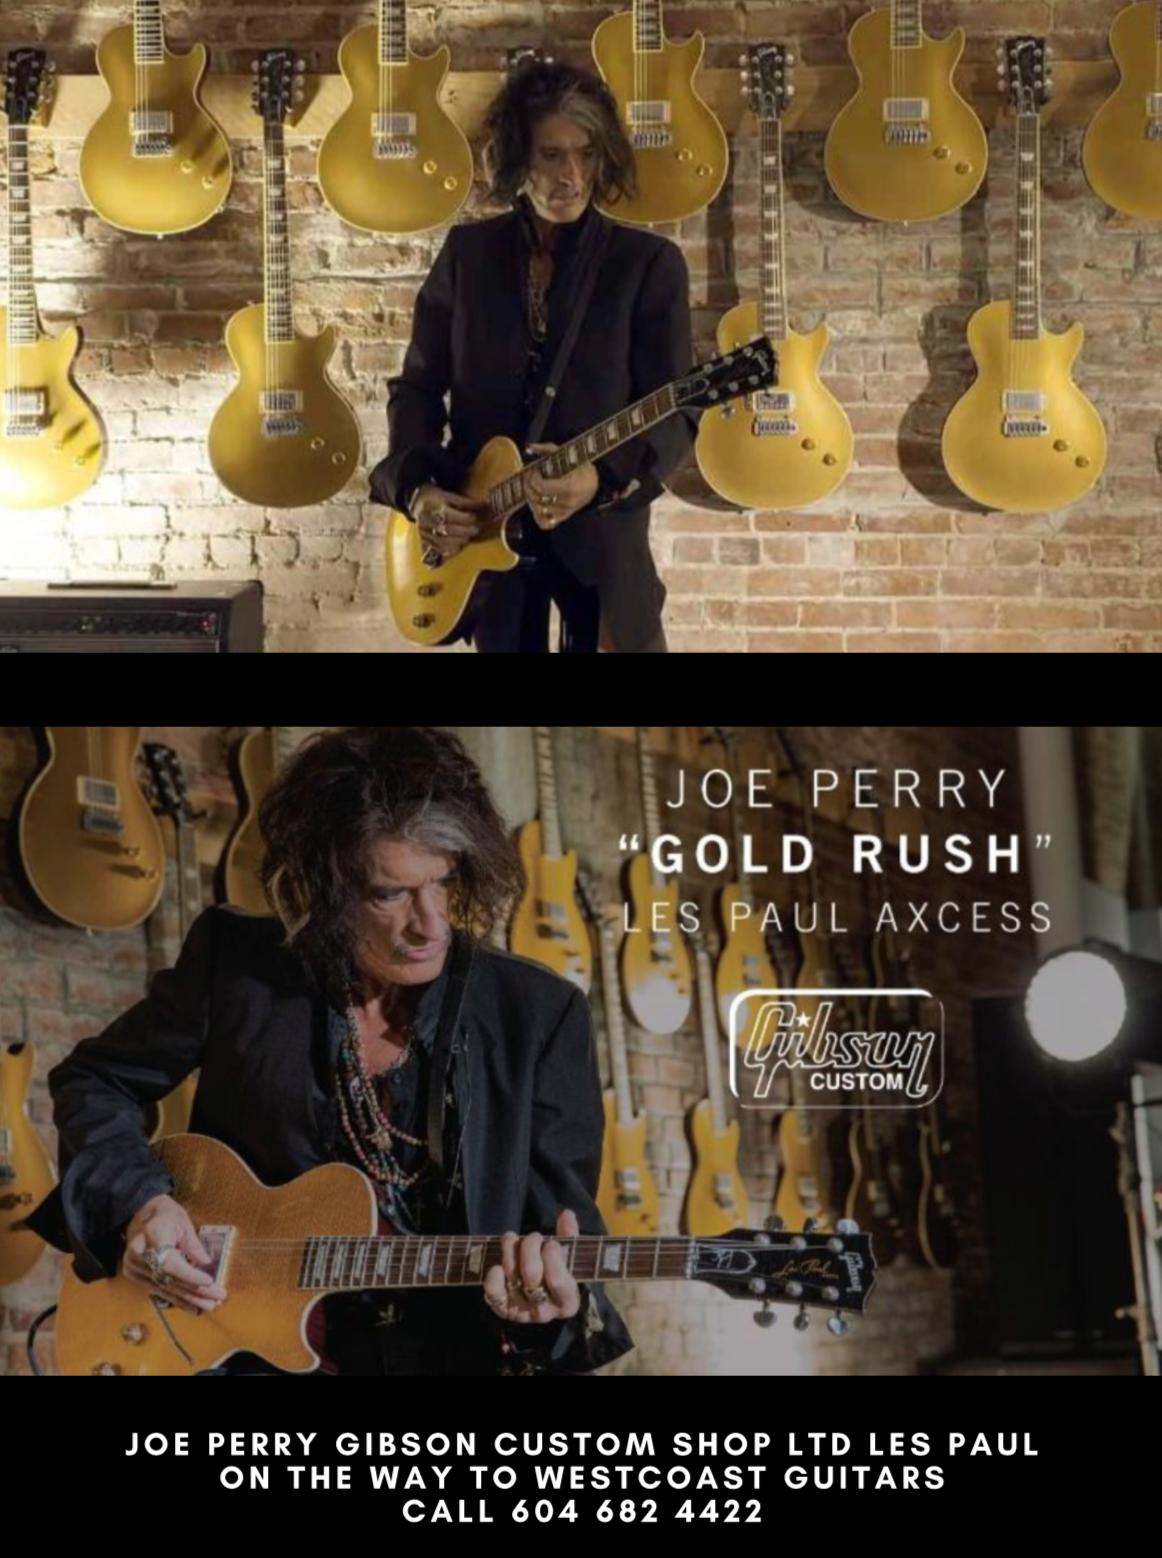 Joe Perry Gold Rush Les Paul Axcess